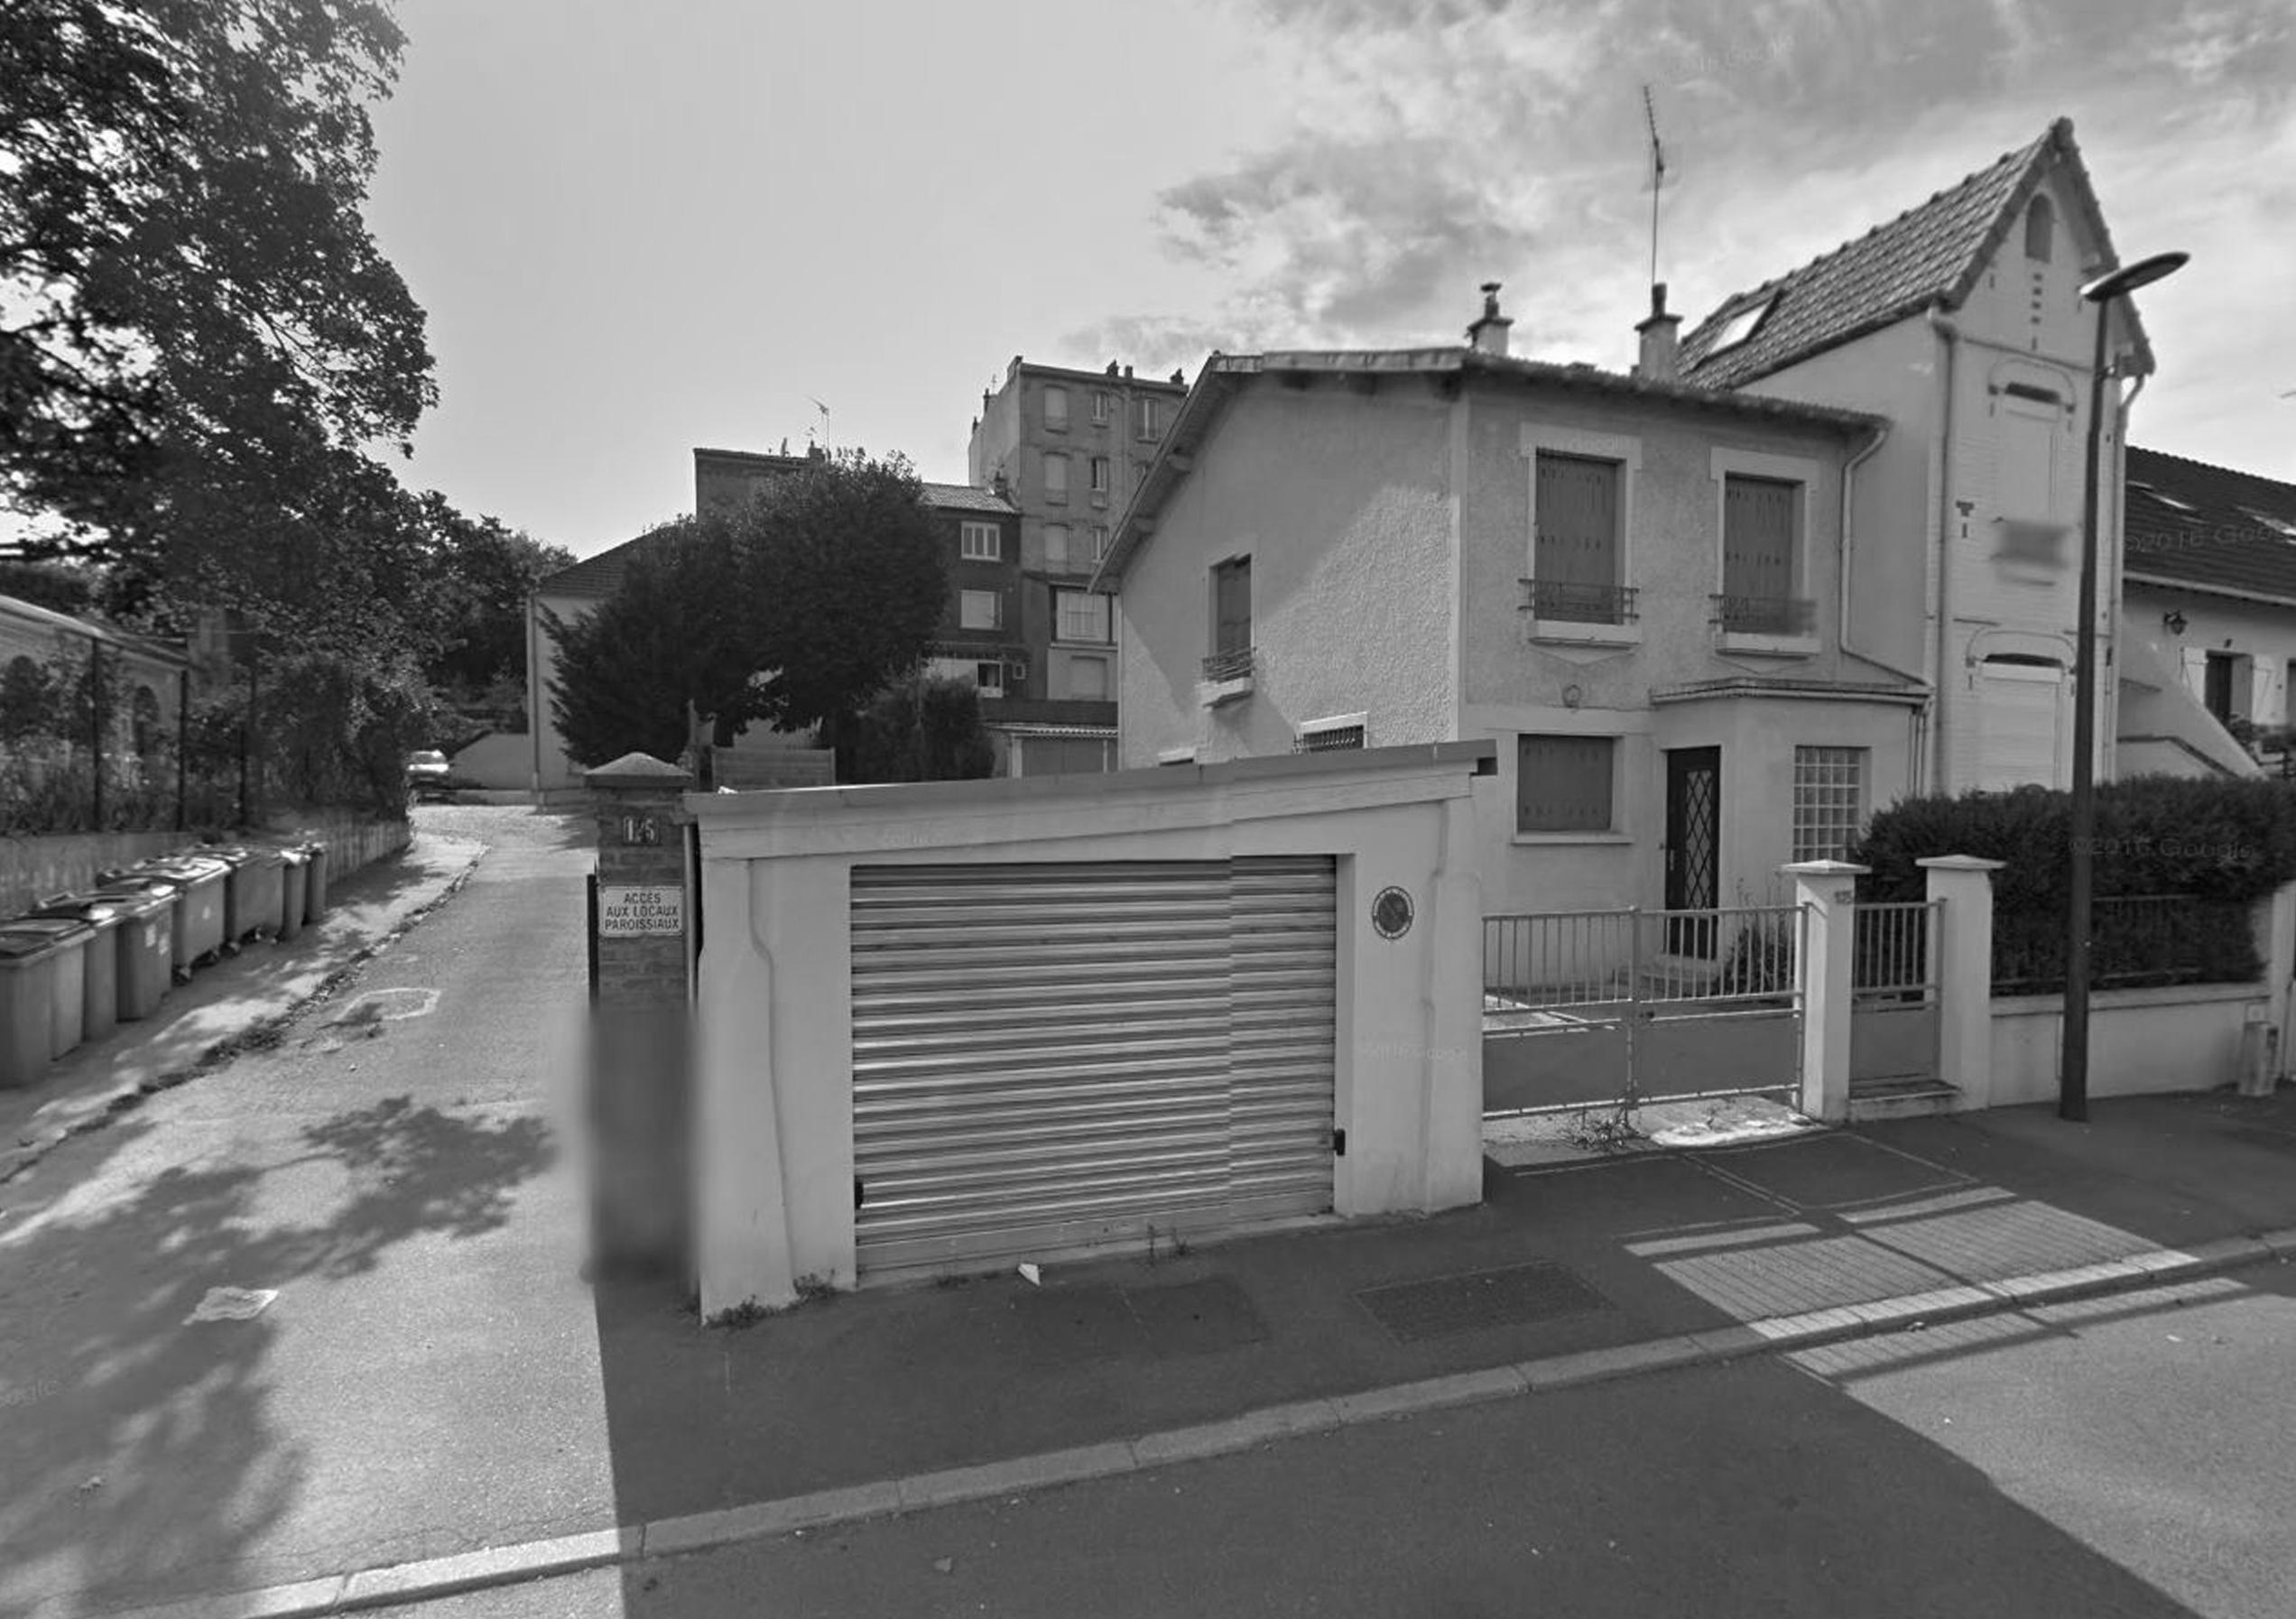 Construction Maison Neuve Fontenay Sous Bois u2013 Maison Moderne # Casse Fontenay Sous Bois